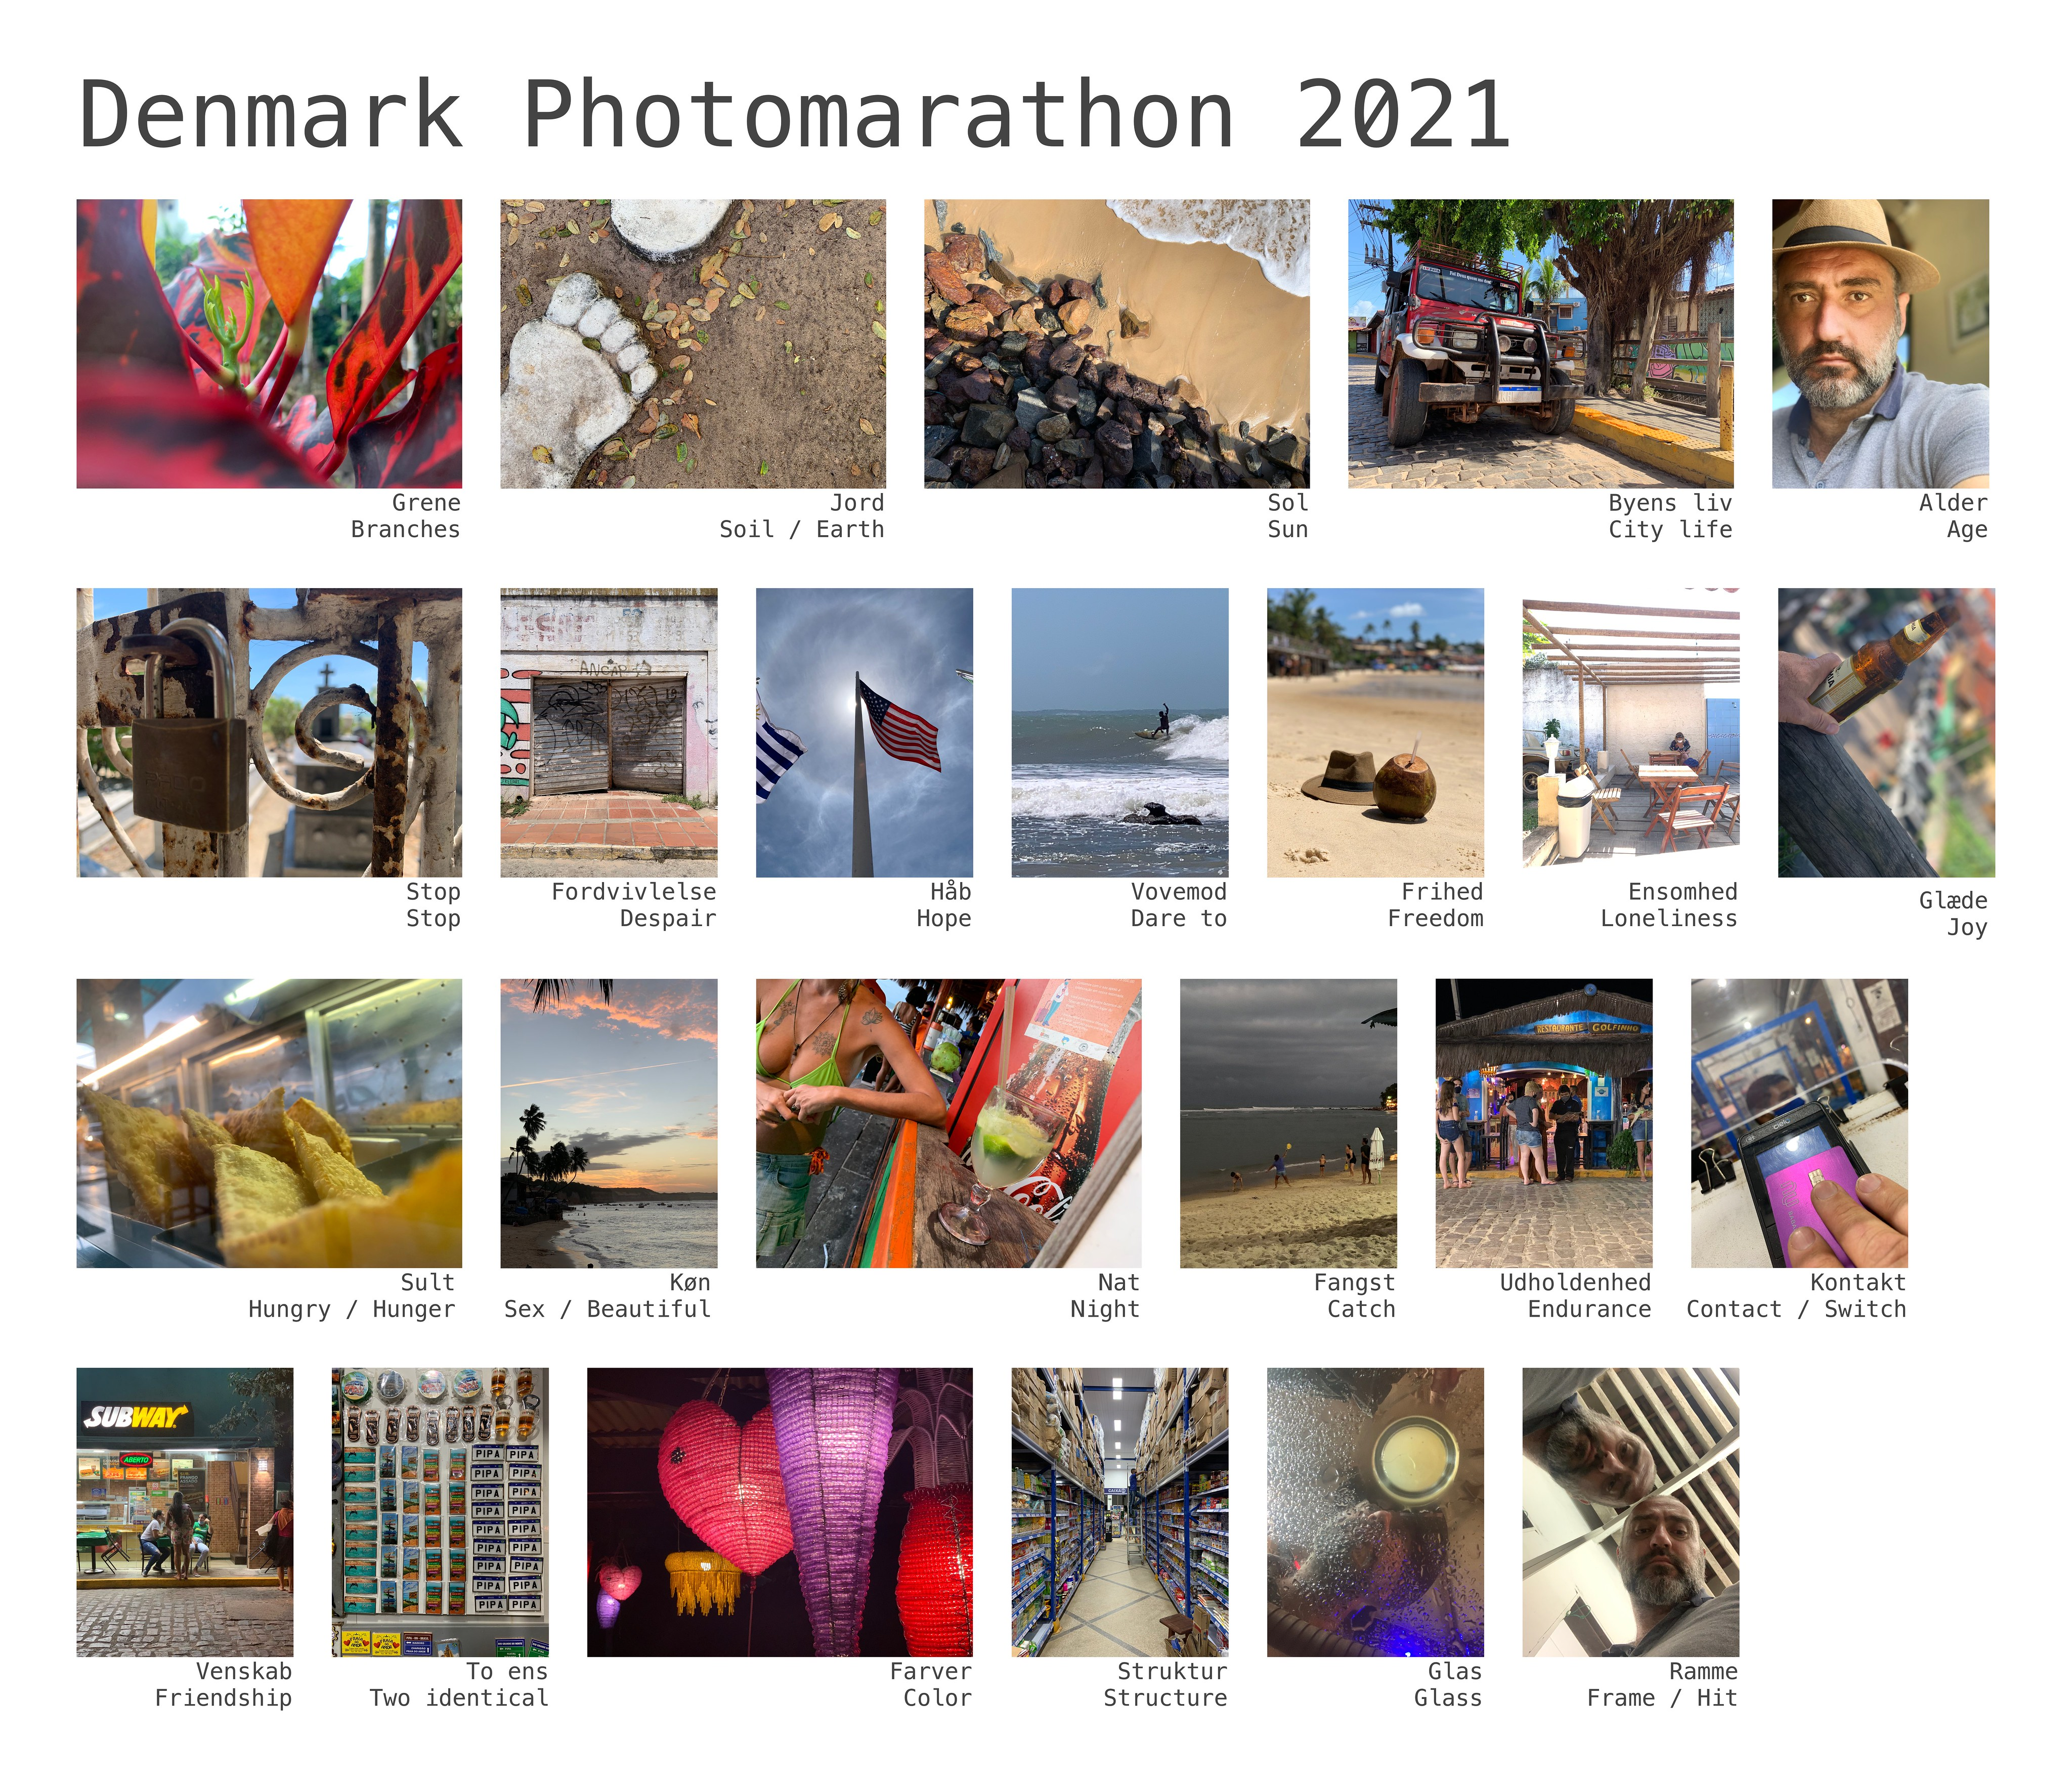 Denmark Photomarathon 2021